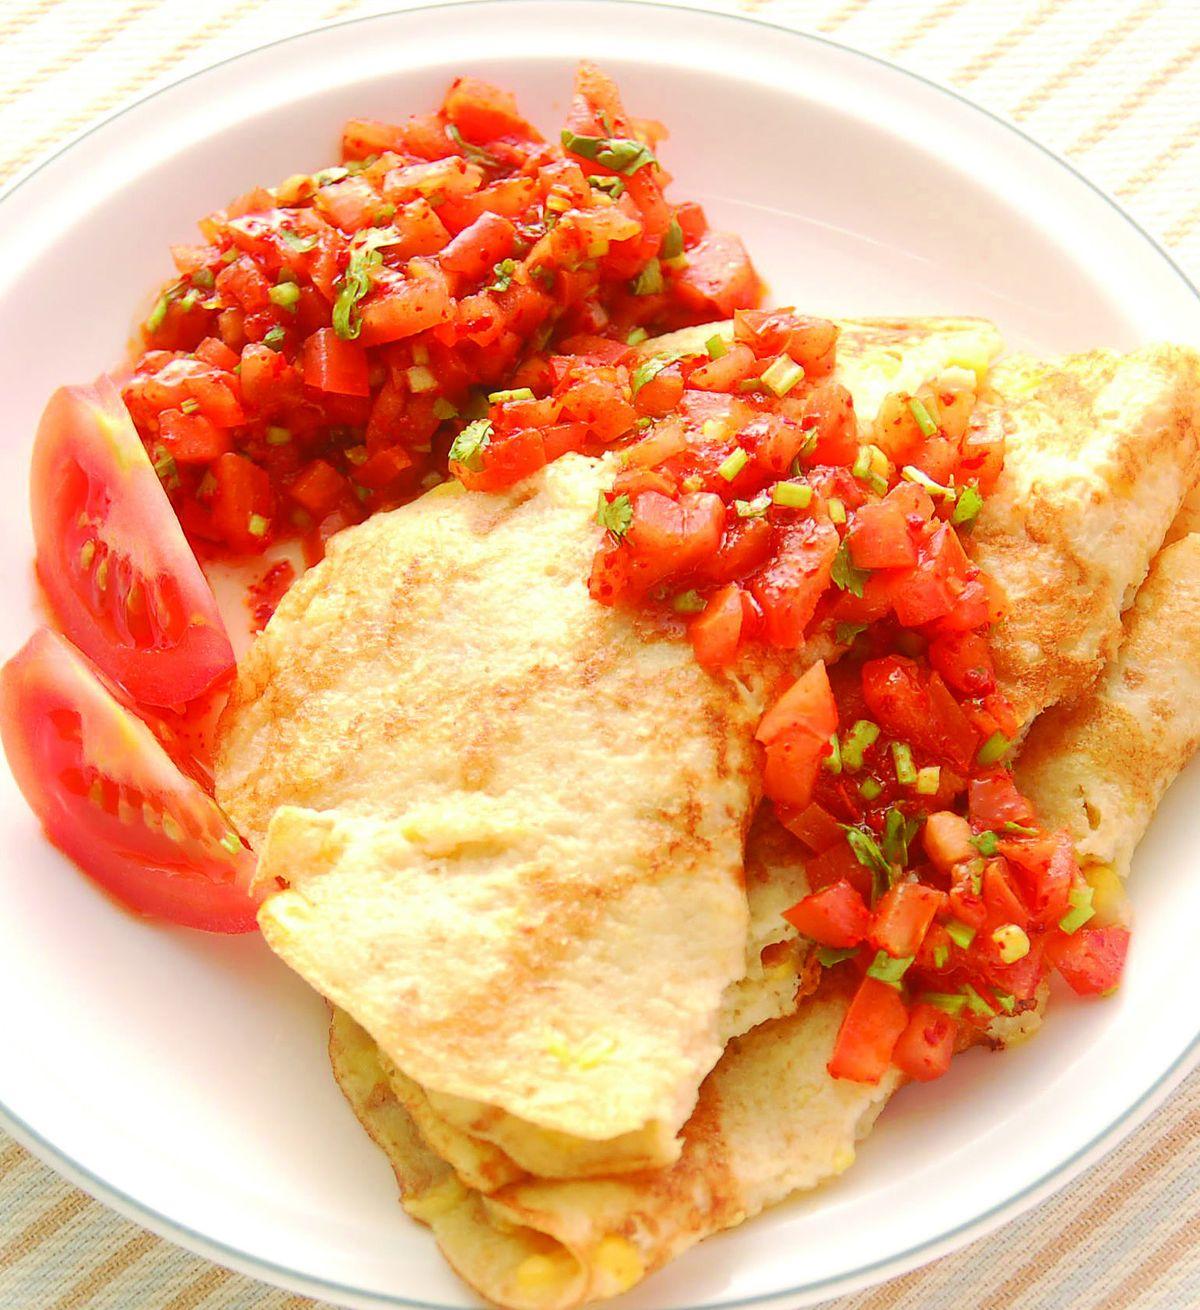 食譜:墨西哥煎餅佐莎莎醬